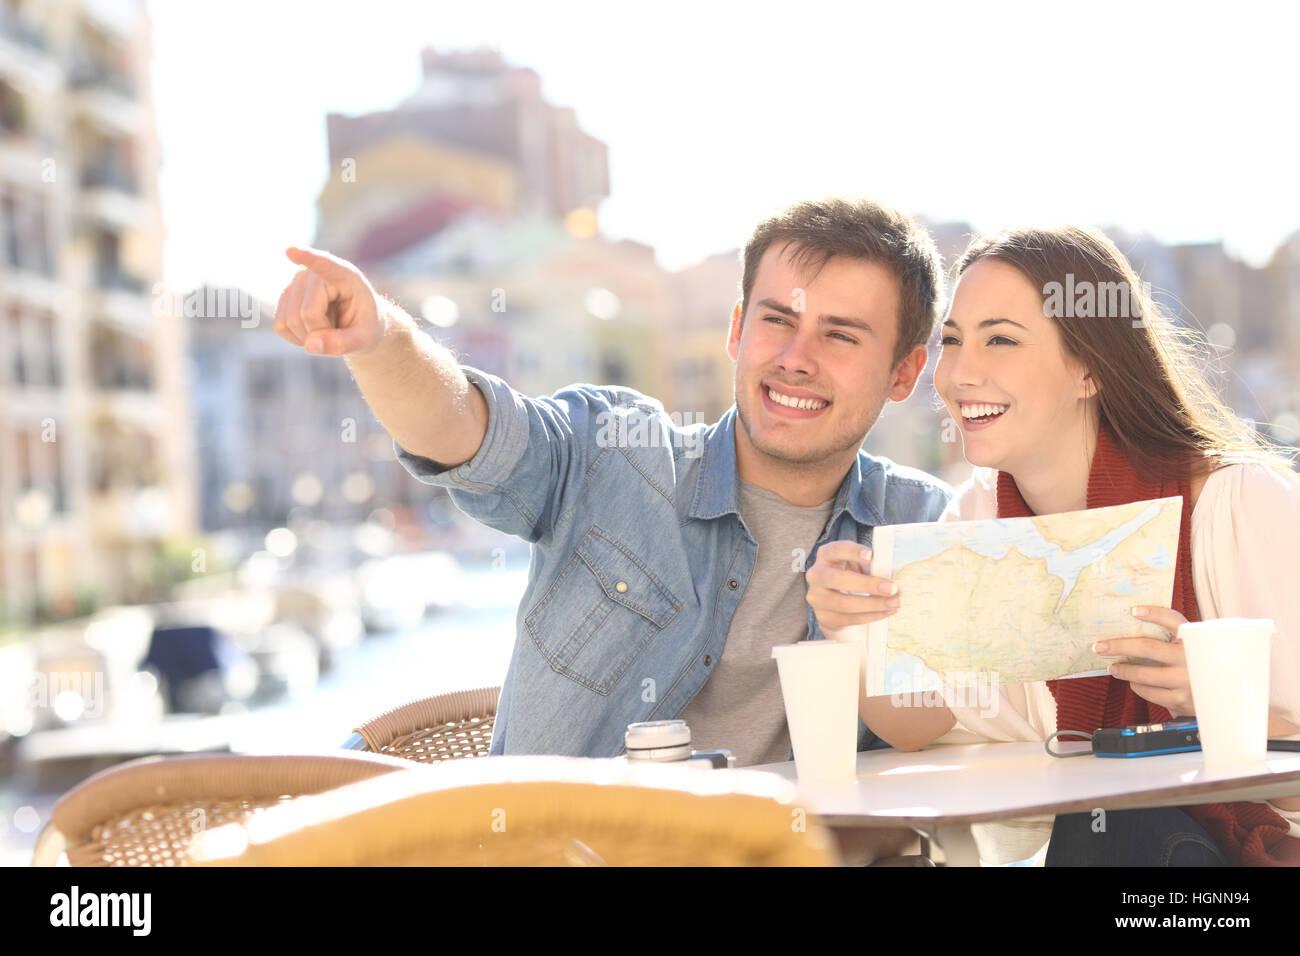 Par de turistas buscando Ubicación Ubicación en una terraza del hotel durante un viaje de verano con un Imagen De Stock